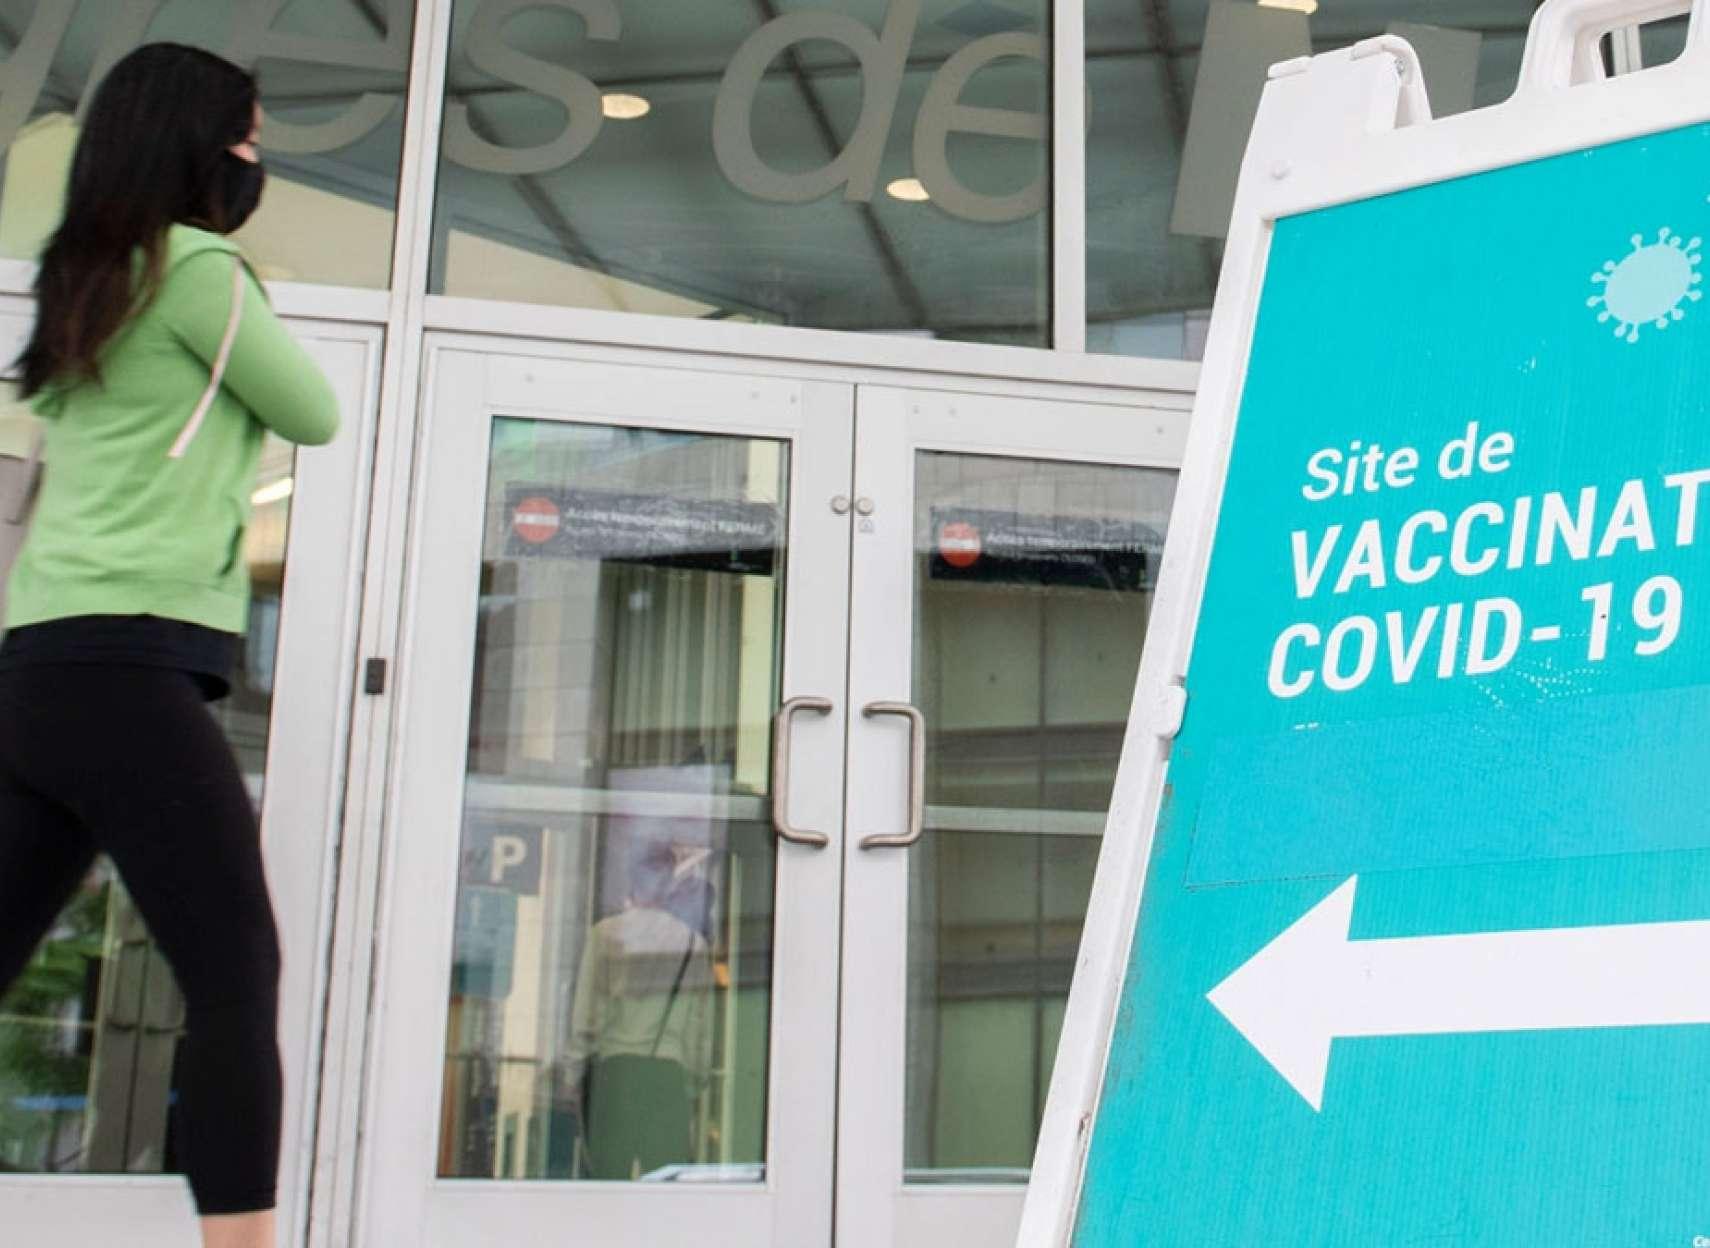 خبر-کانادا-واکسن-جلوی-انتقال-کرونا-را-نمی-گیرد-نیمی-از-کرونا-گرفته-ها-تا-۳-ماه-بعد-نیز-علائم-دارند